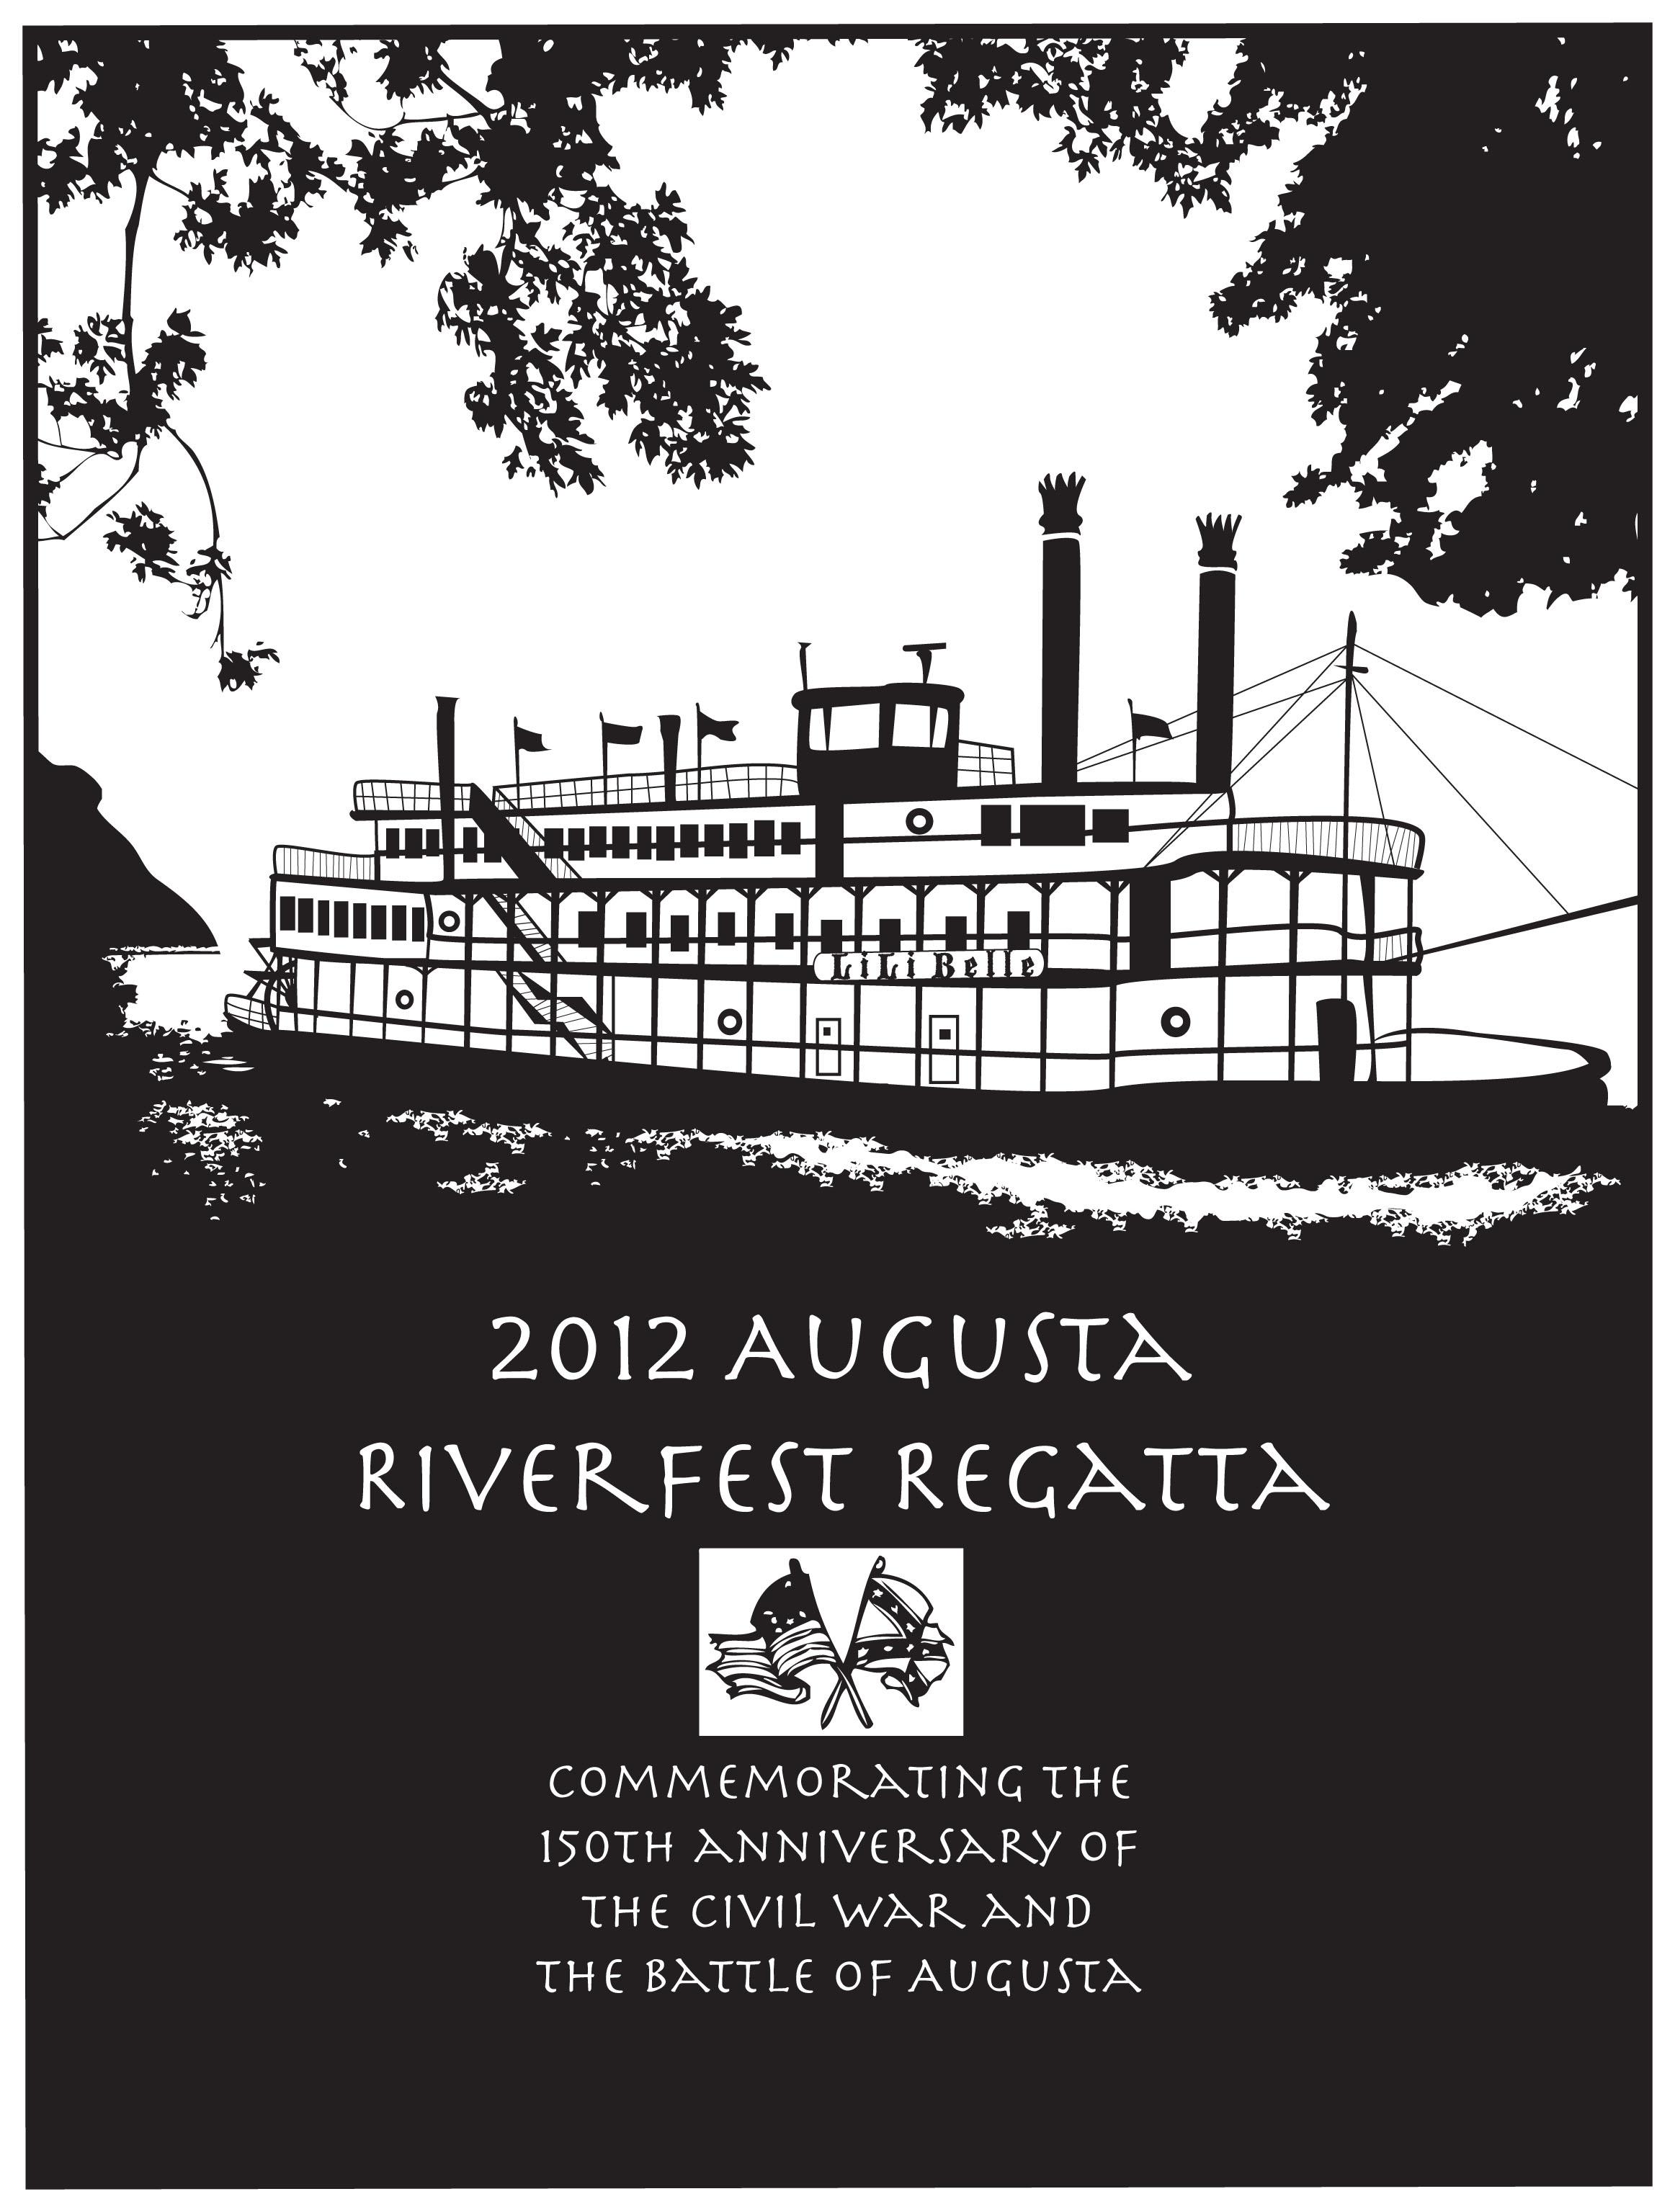 Riverfest Regatta poster